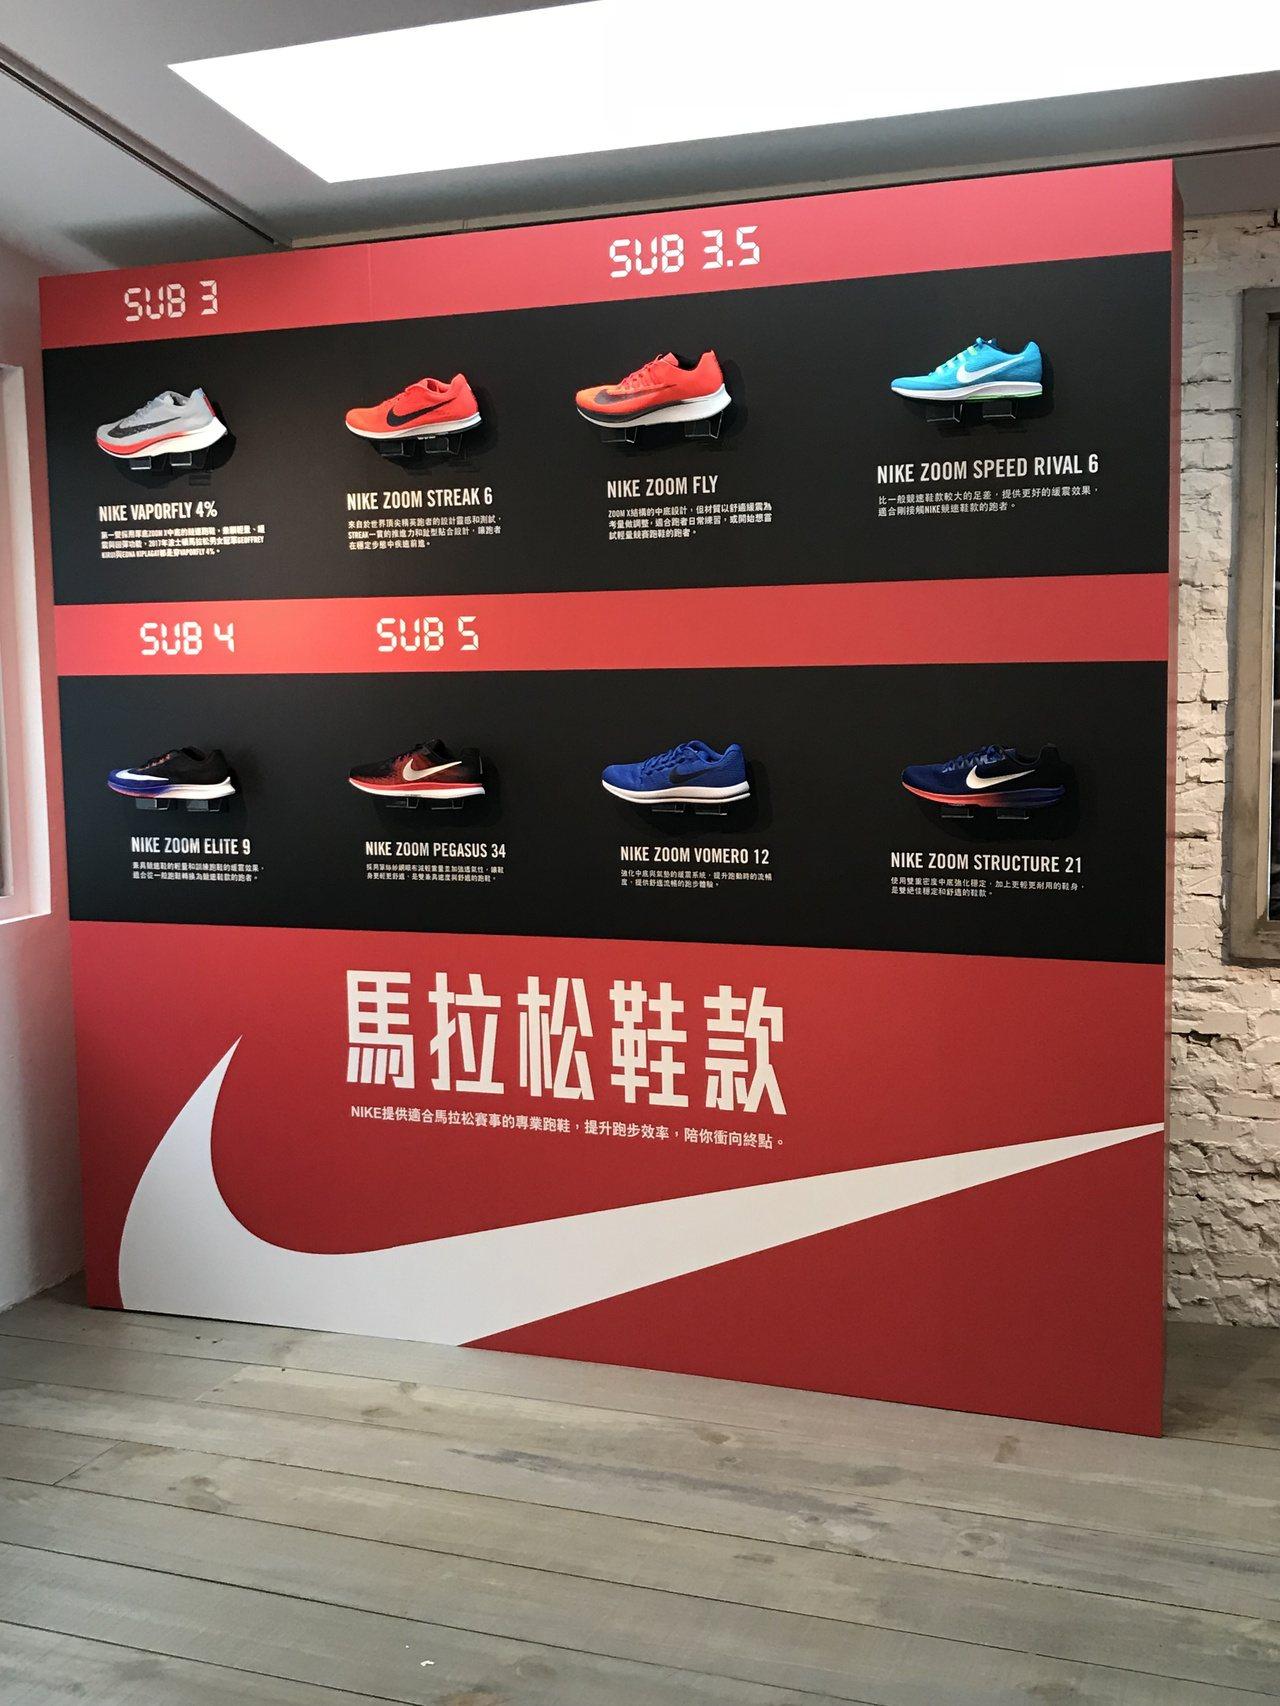 NIKE針對不同跑者推出功能性不同的馬拉松鞋款。記者劉肇育/攝影